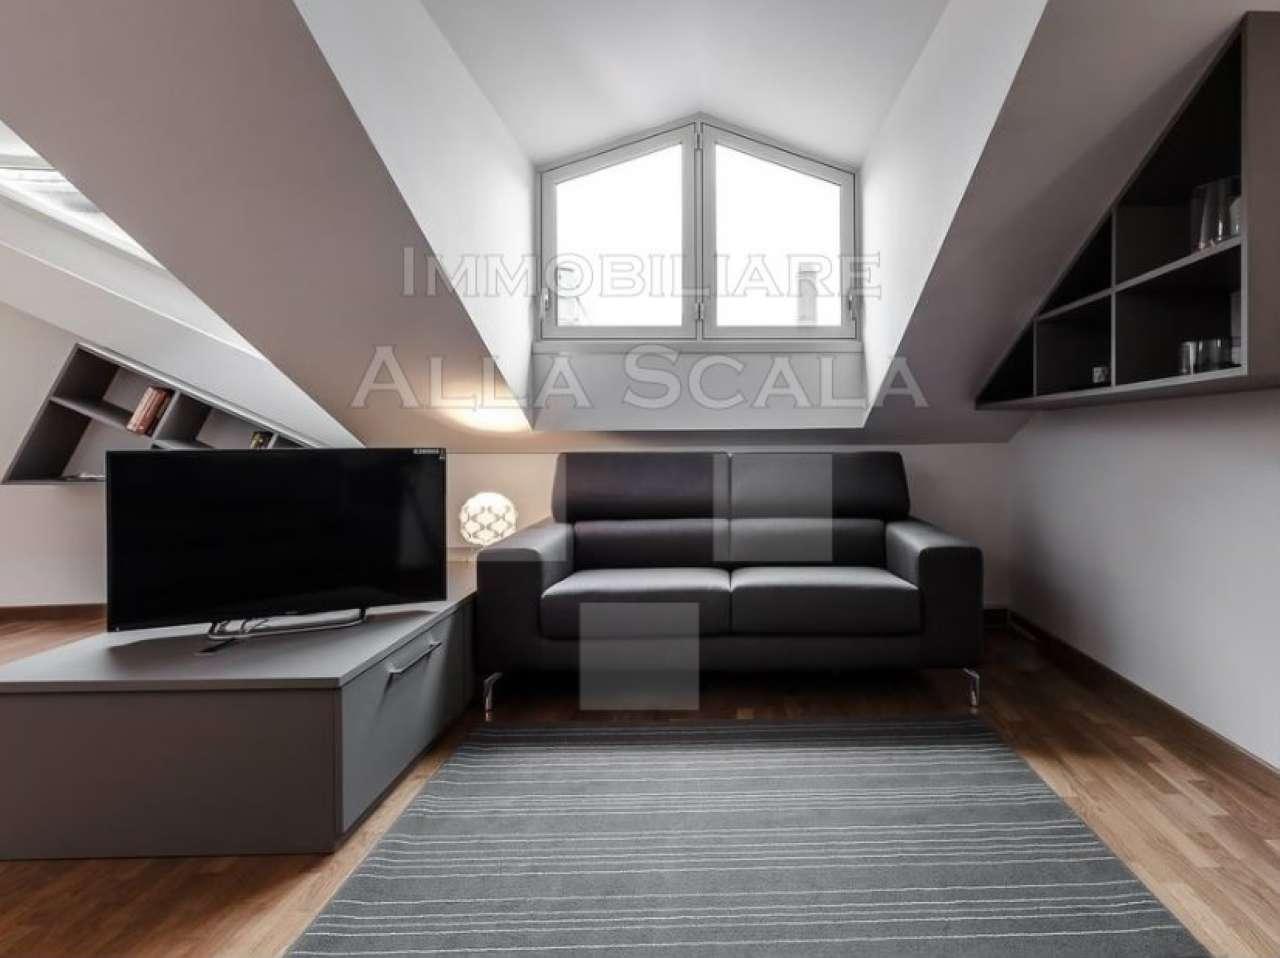 Attici e mansarde in vendita a milano for Vendita case milano centro